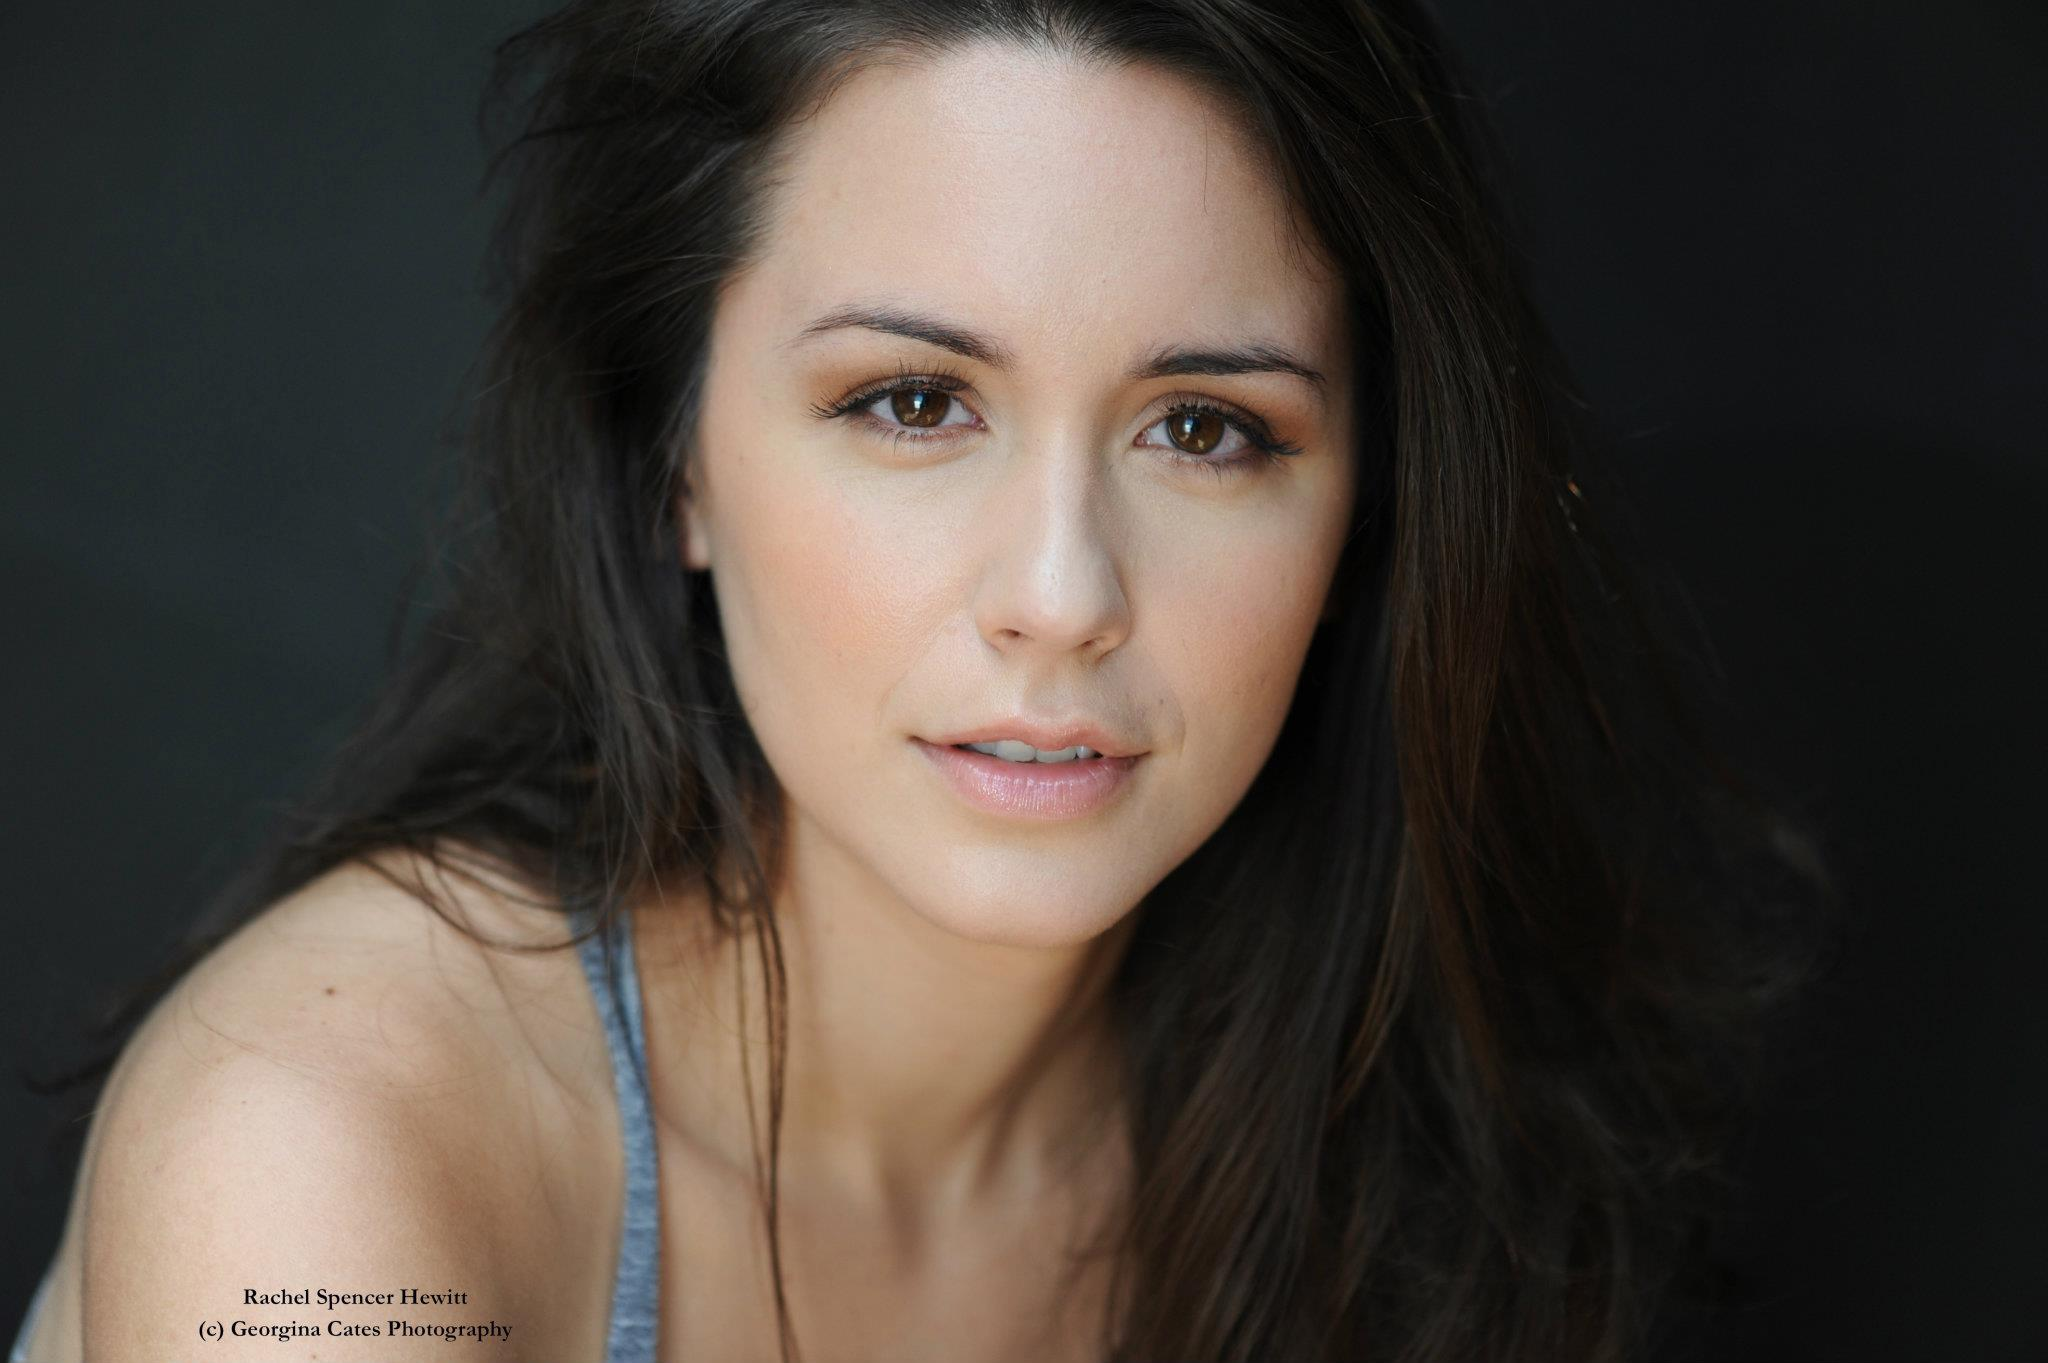 Rachel Spencer Hewitt - Headshot